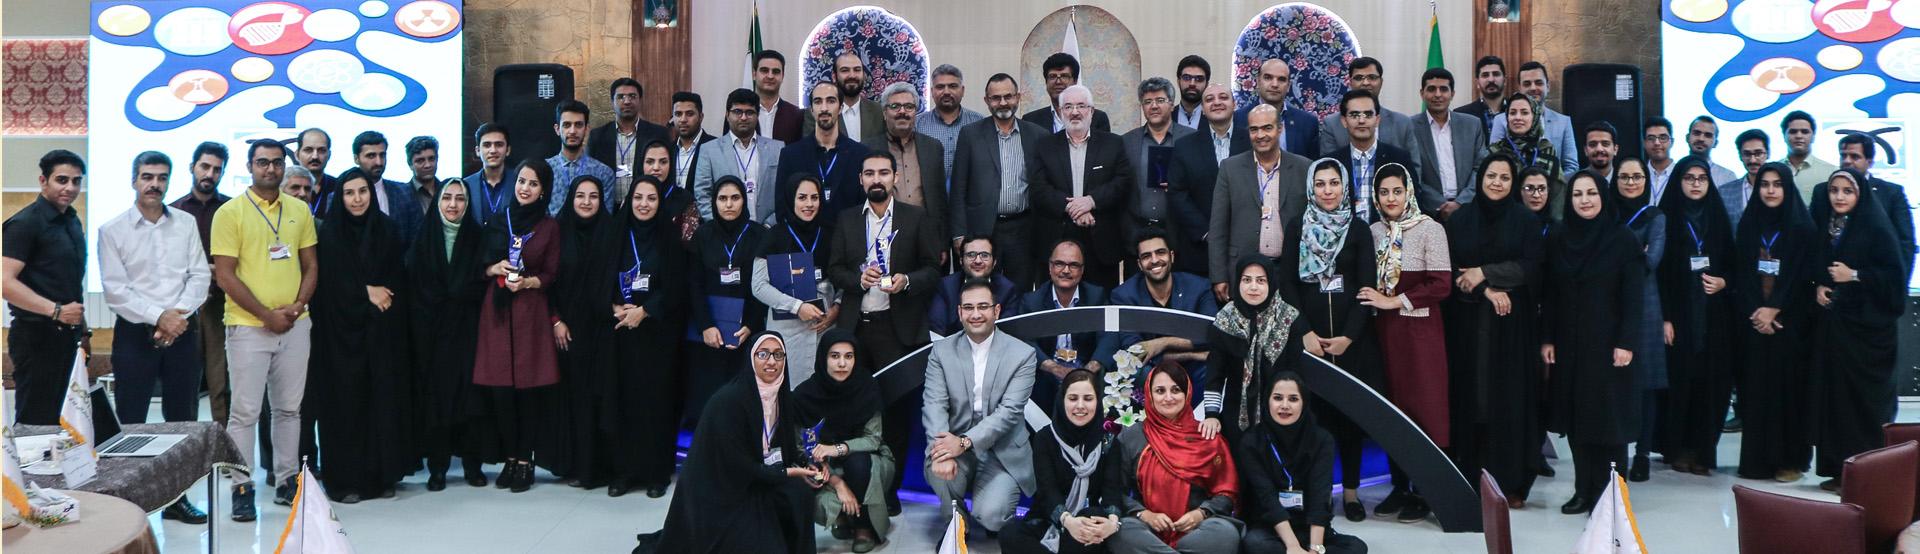 برگزاری نخستین رویداد استارتاپی لیدکوتک با همکاری پارک علم و فناوری خراسان جنوبی